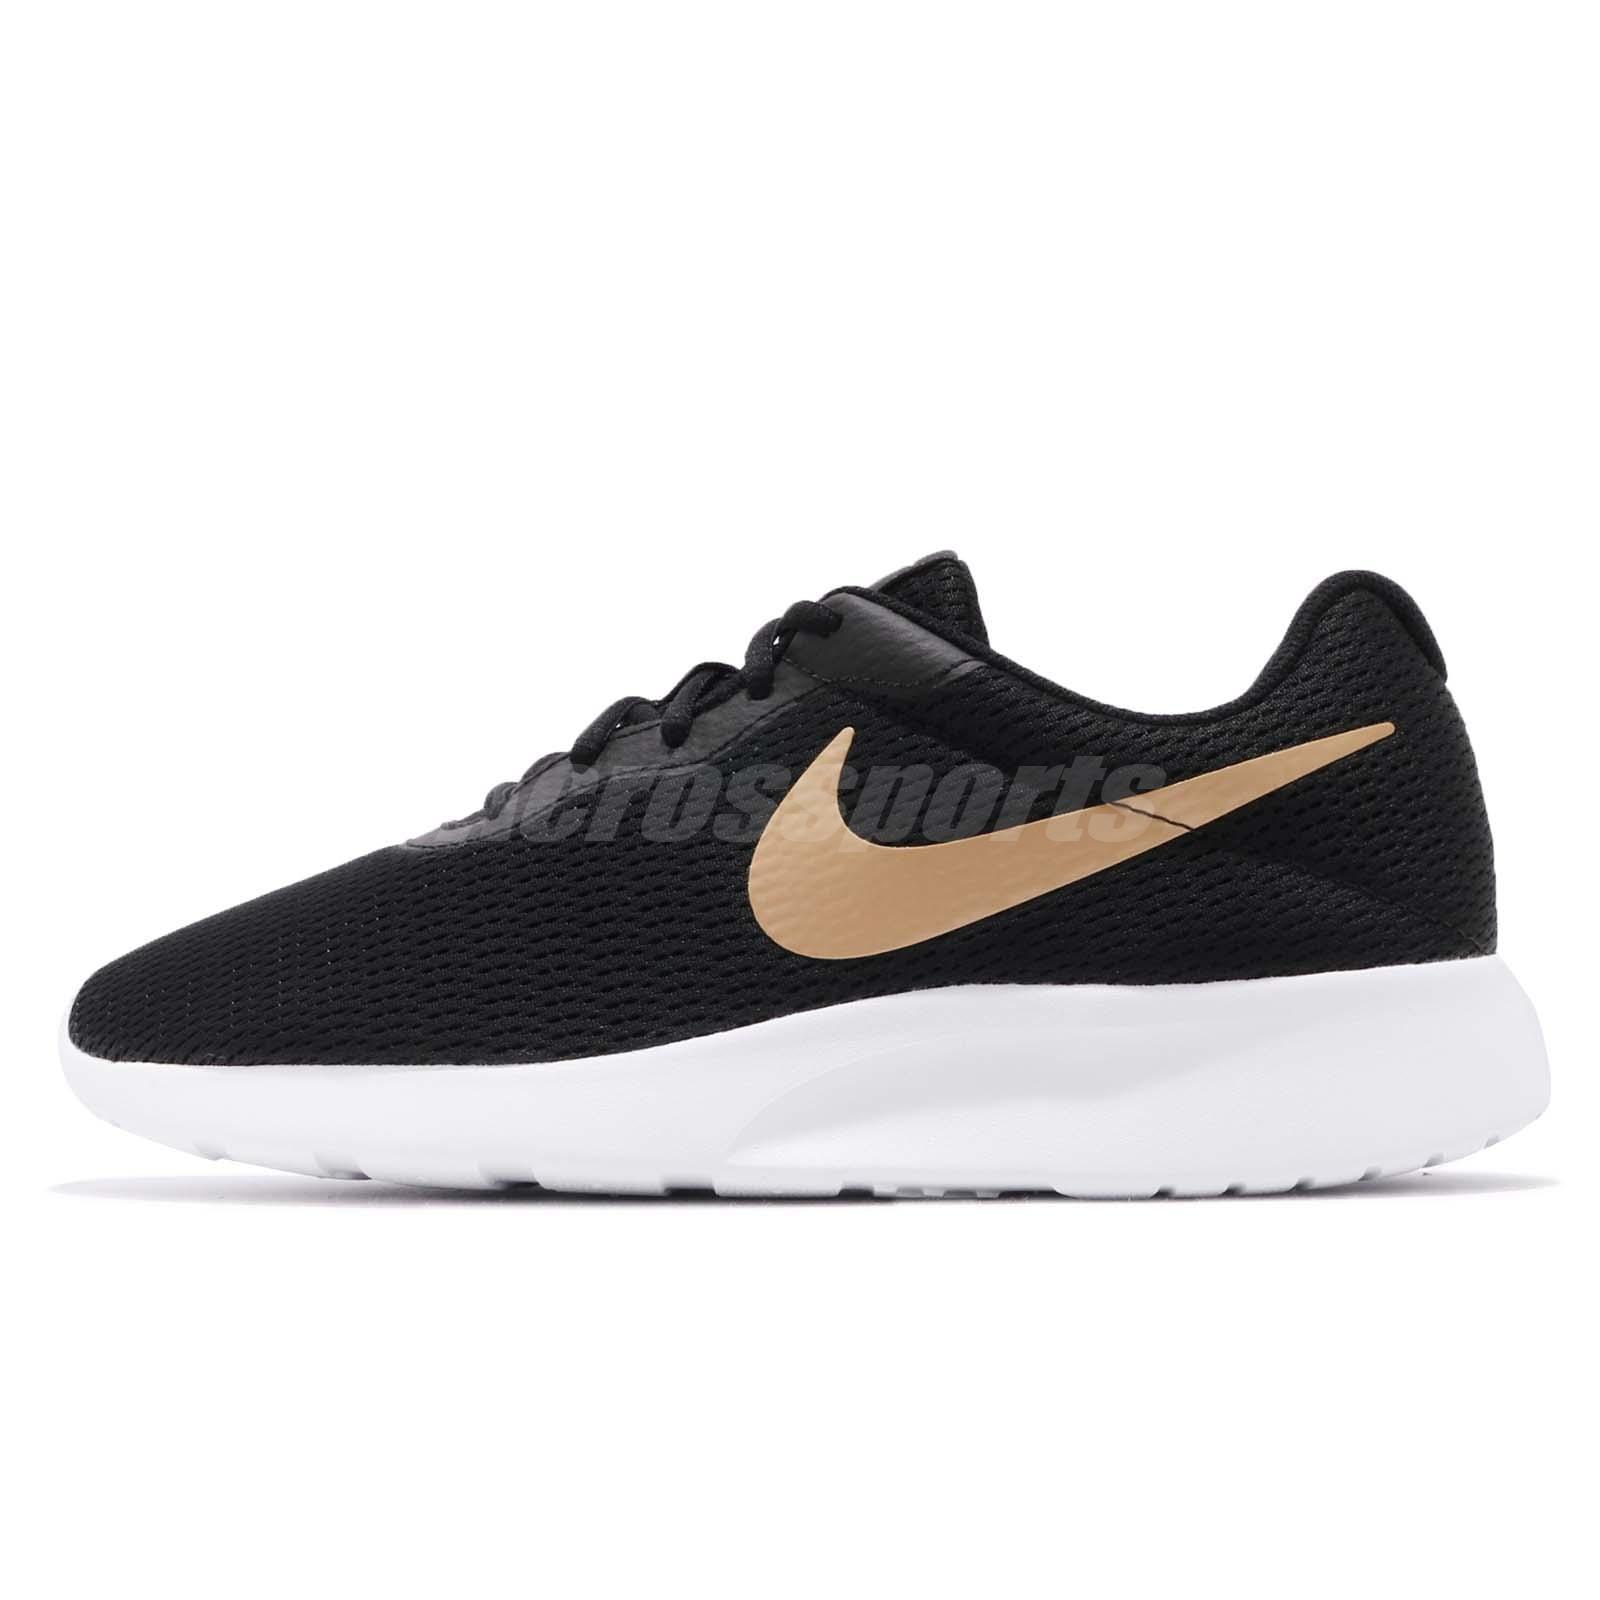 Nike Tanjun Black Gold White Men Running Casual Shoes Sneakers AQ7154-001 42cf9b14e1